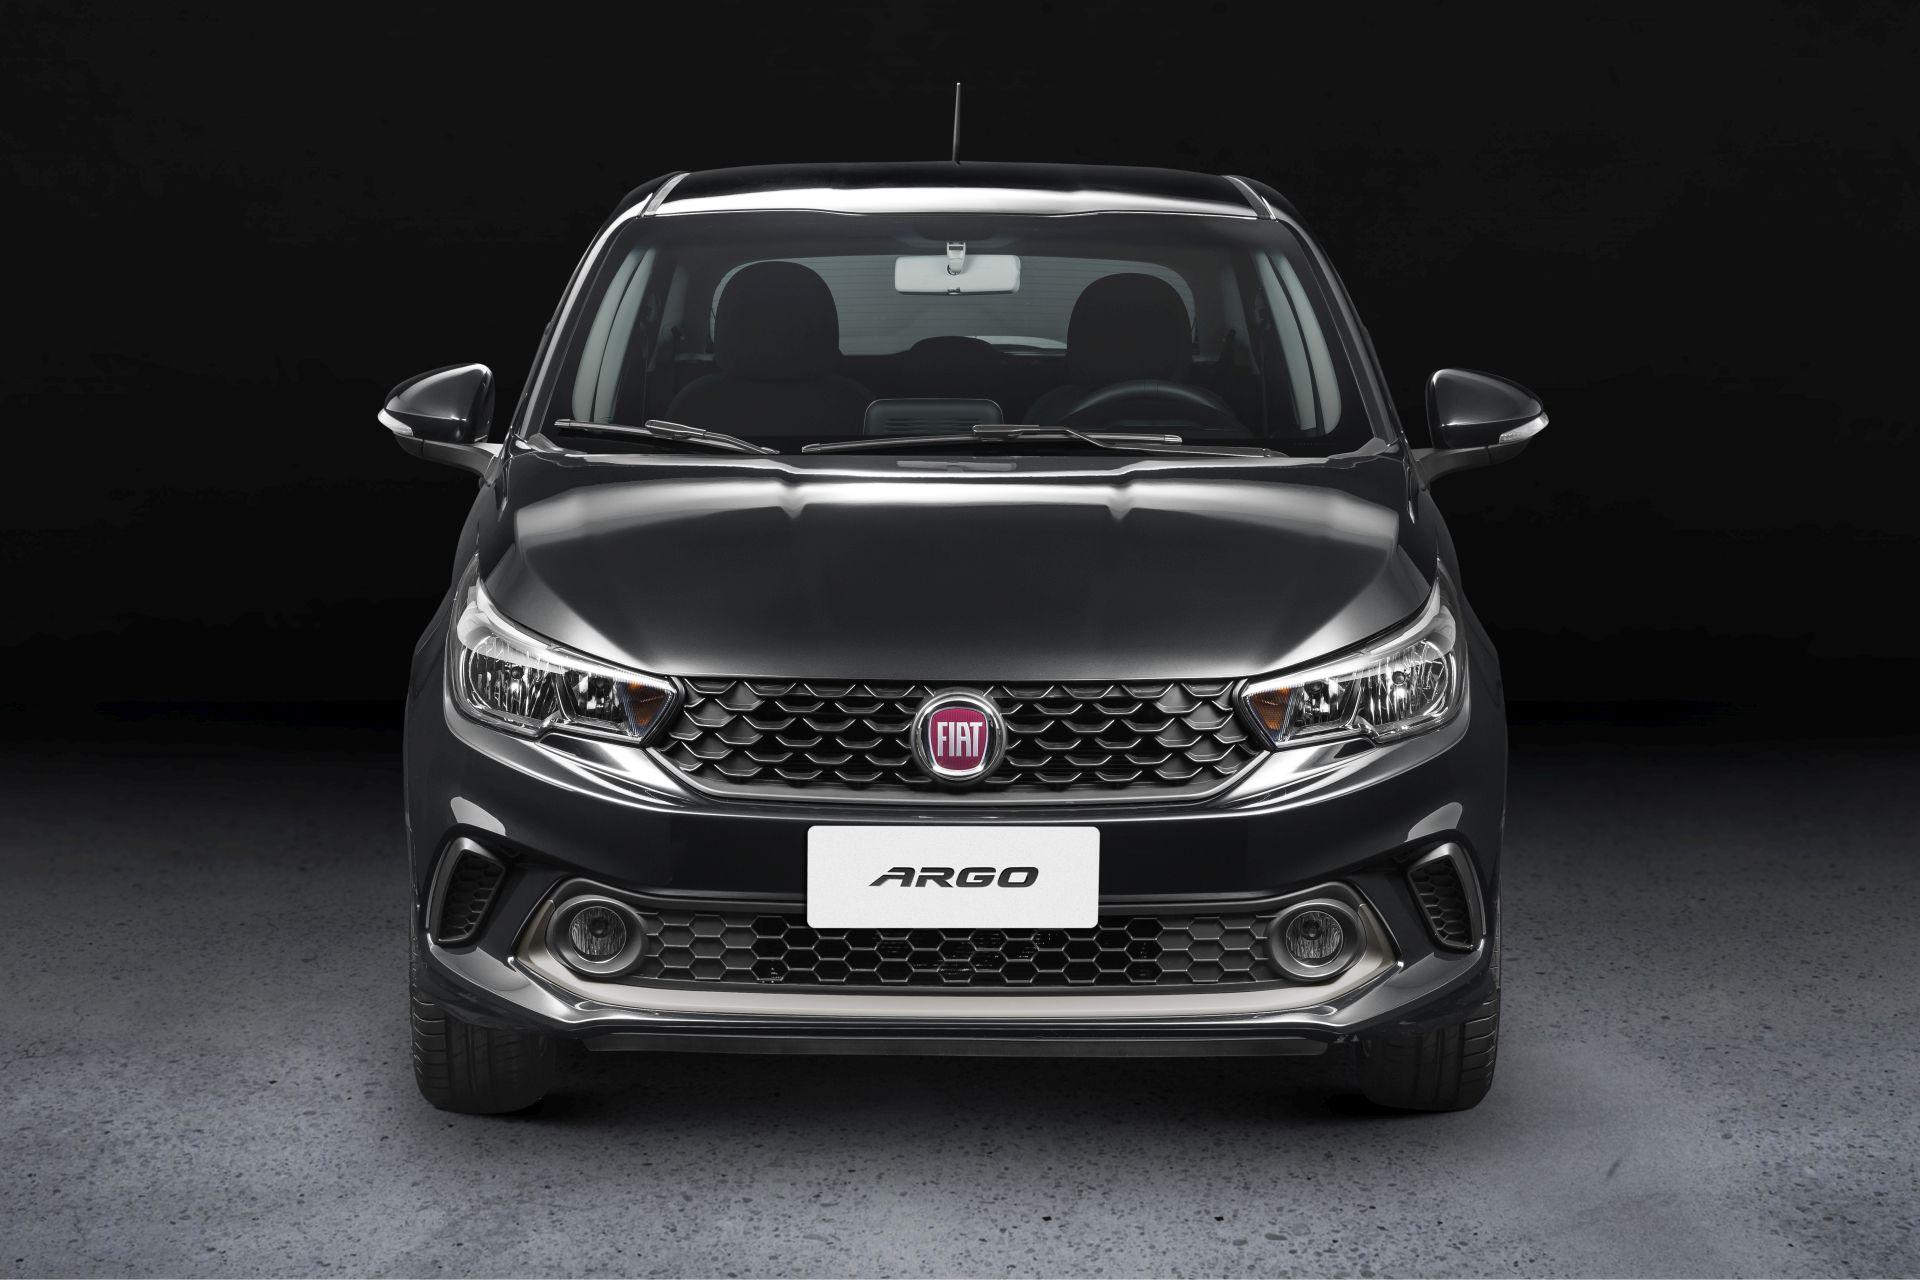 Com a chegada dos modelos Argo e Cronos, FCA está reposicionando sua linha. Uno Way e Sporting deixam o mercado para não competirem com o novo hatch.